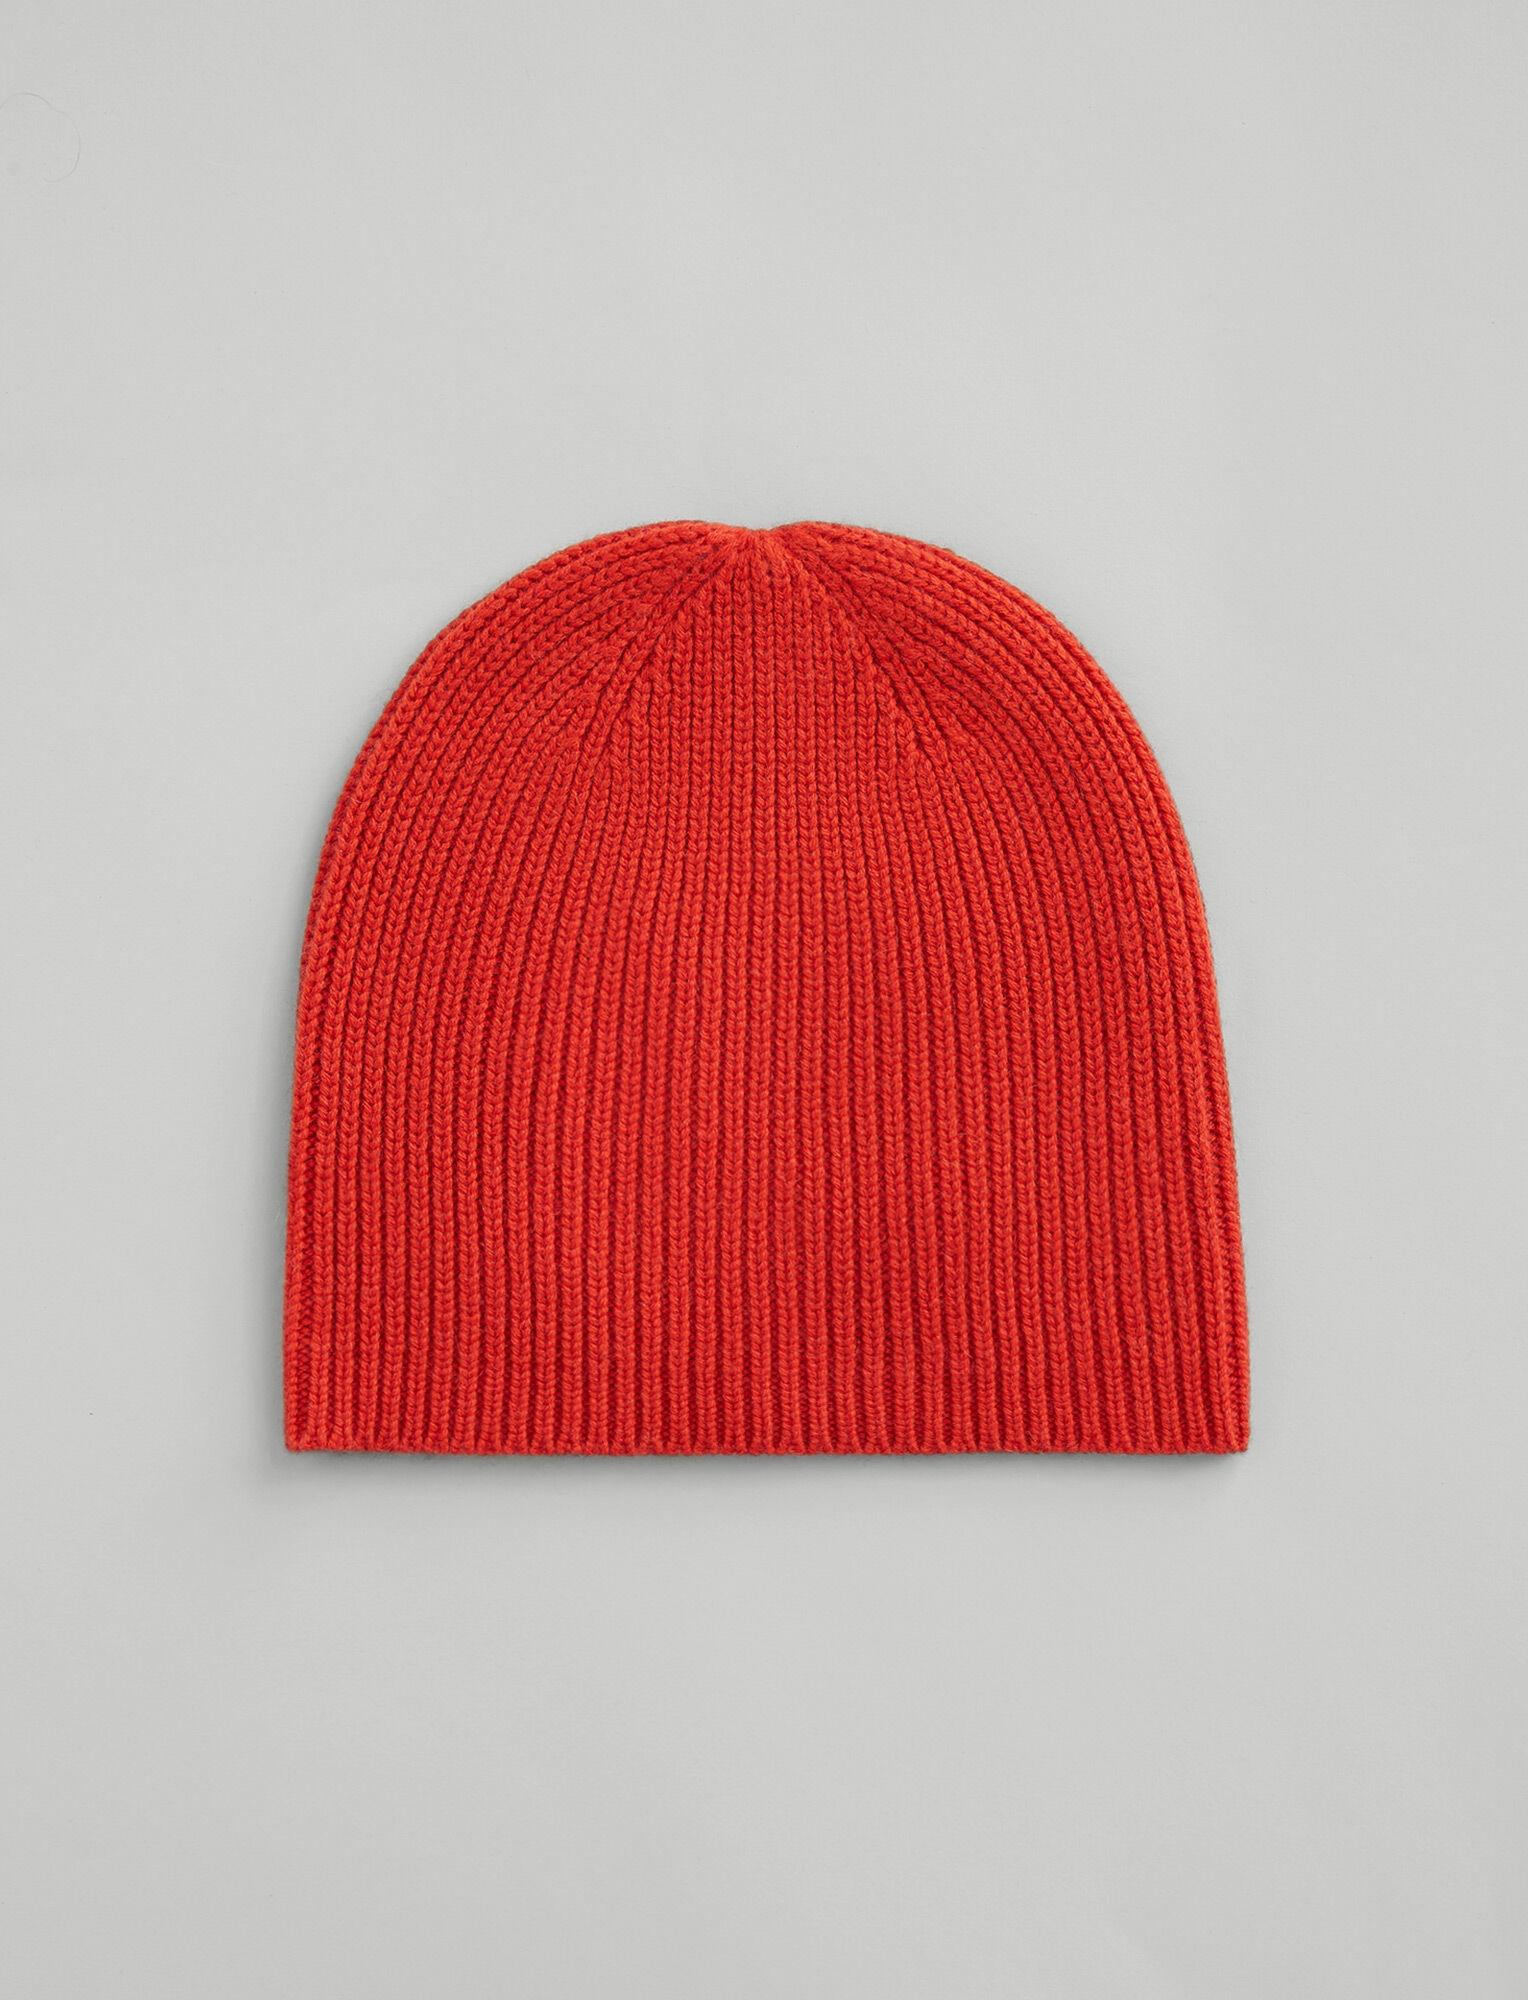 Joseph, Wool Cashmere Knit Hat, in DARK ORANGE